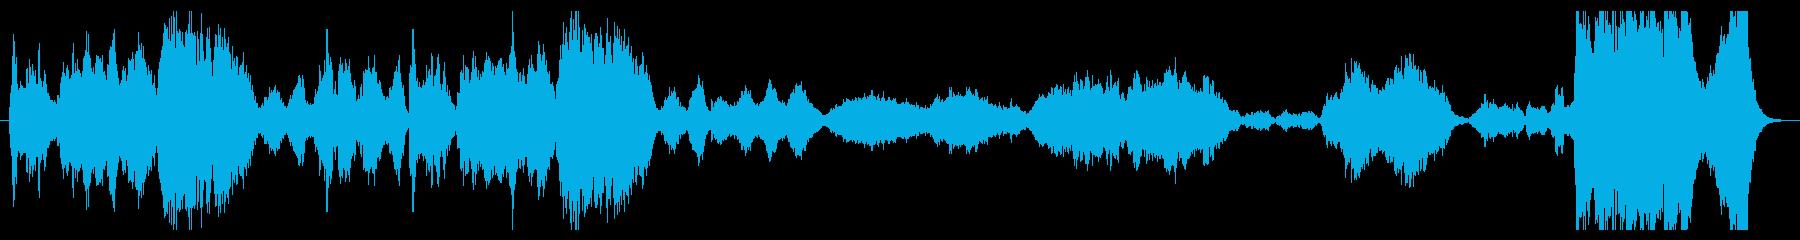 ファンタジーの序章の再生済みの波形